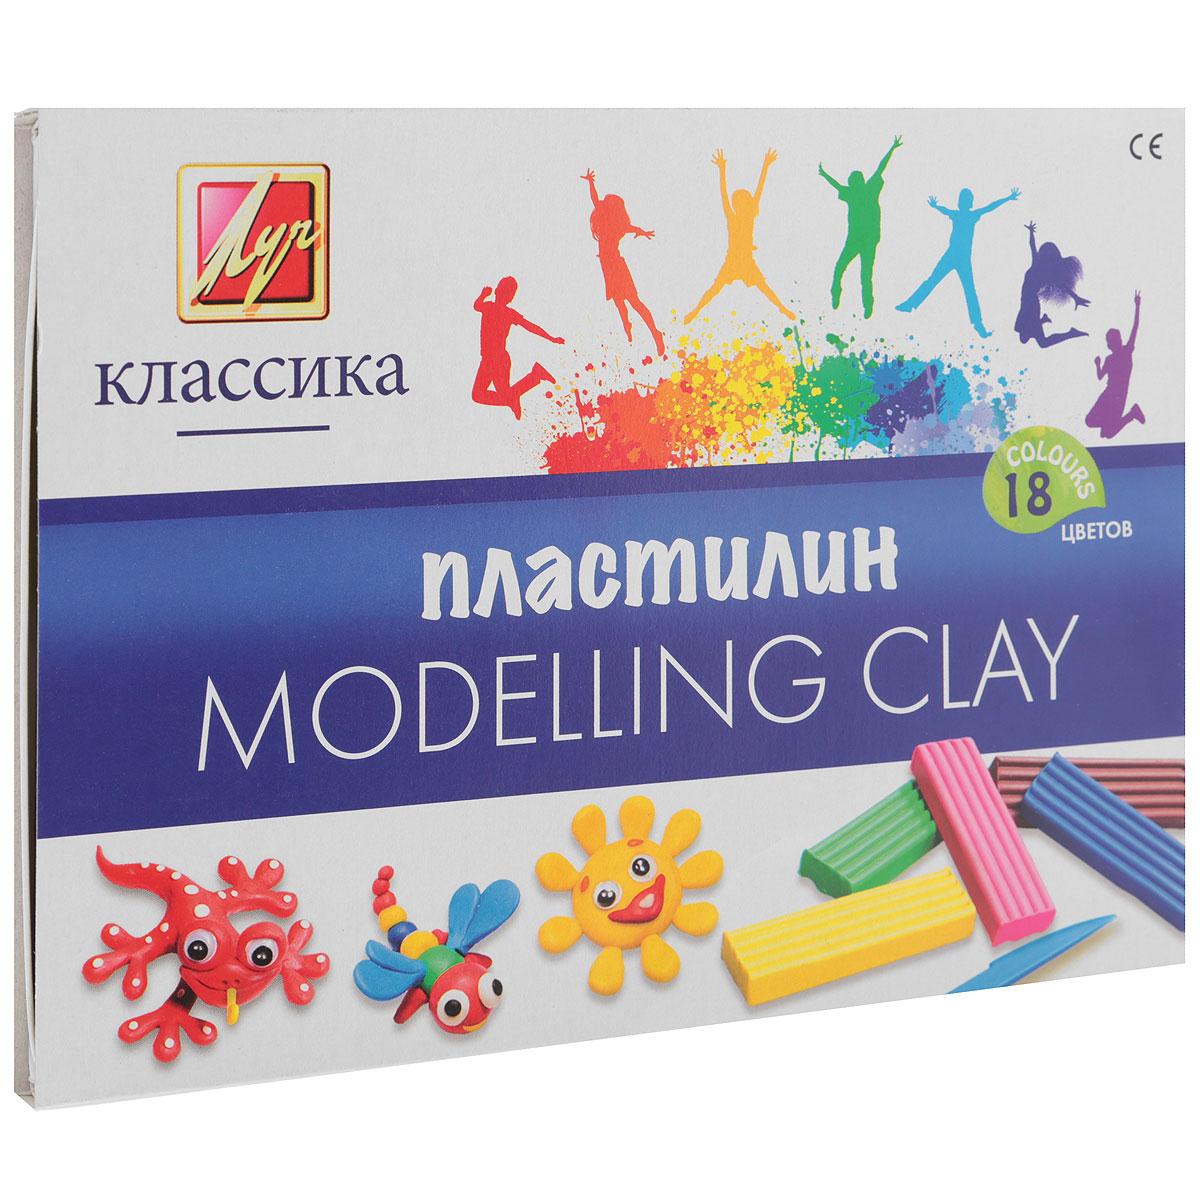 Пластилин Луч Классика, со стеком, 18 цветов пластилин детский классика 16 цветов 20с 1329 08